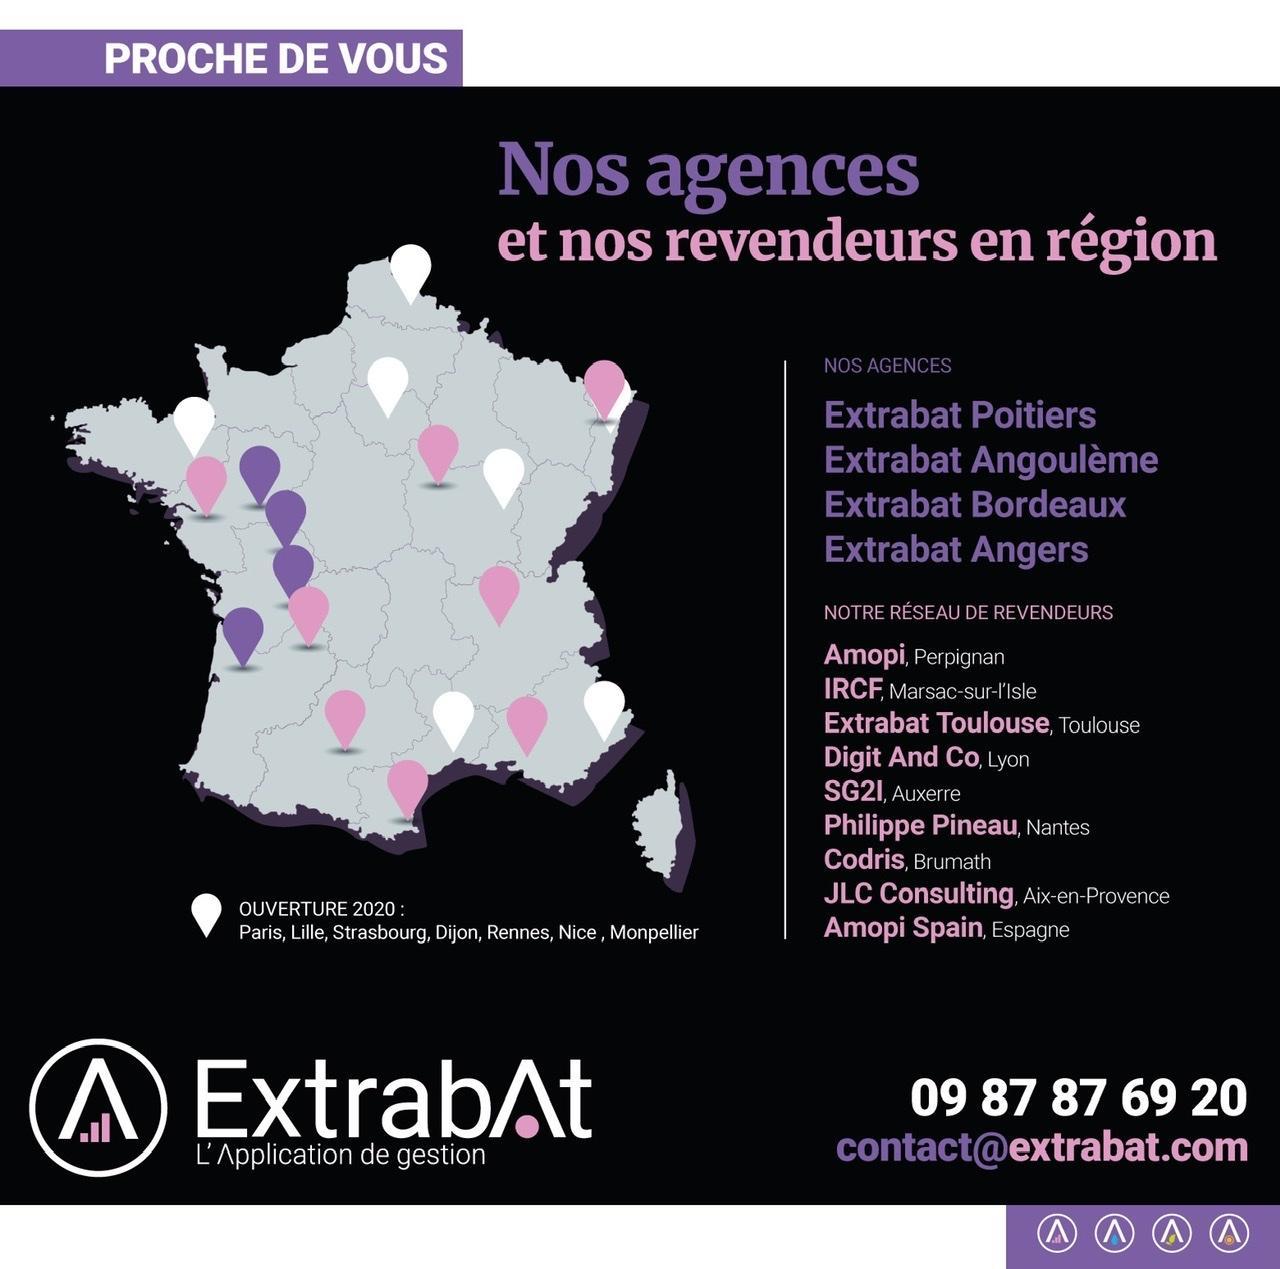 Extrabat-9A416E84-433C-404F-8B81-91F4C9BC93AB